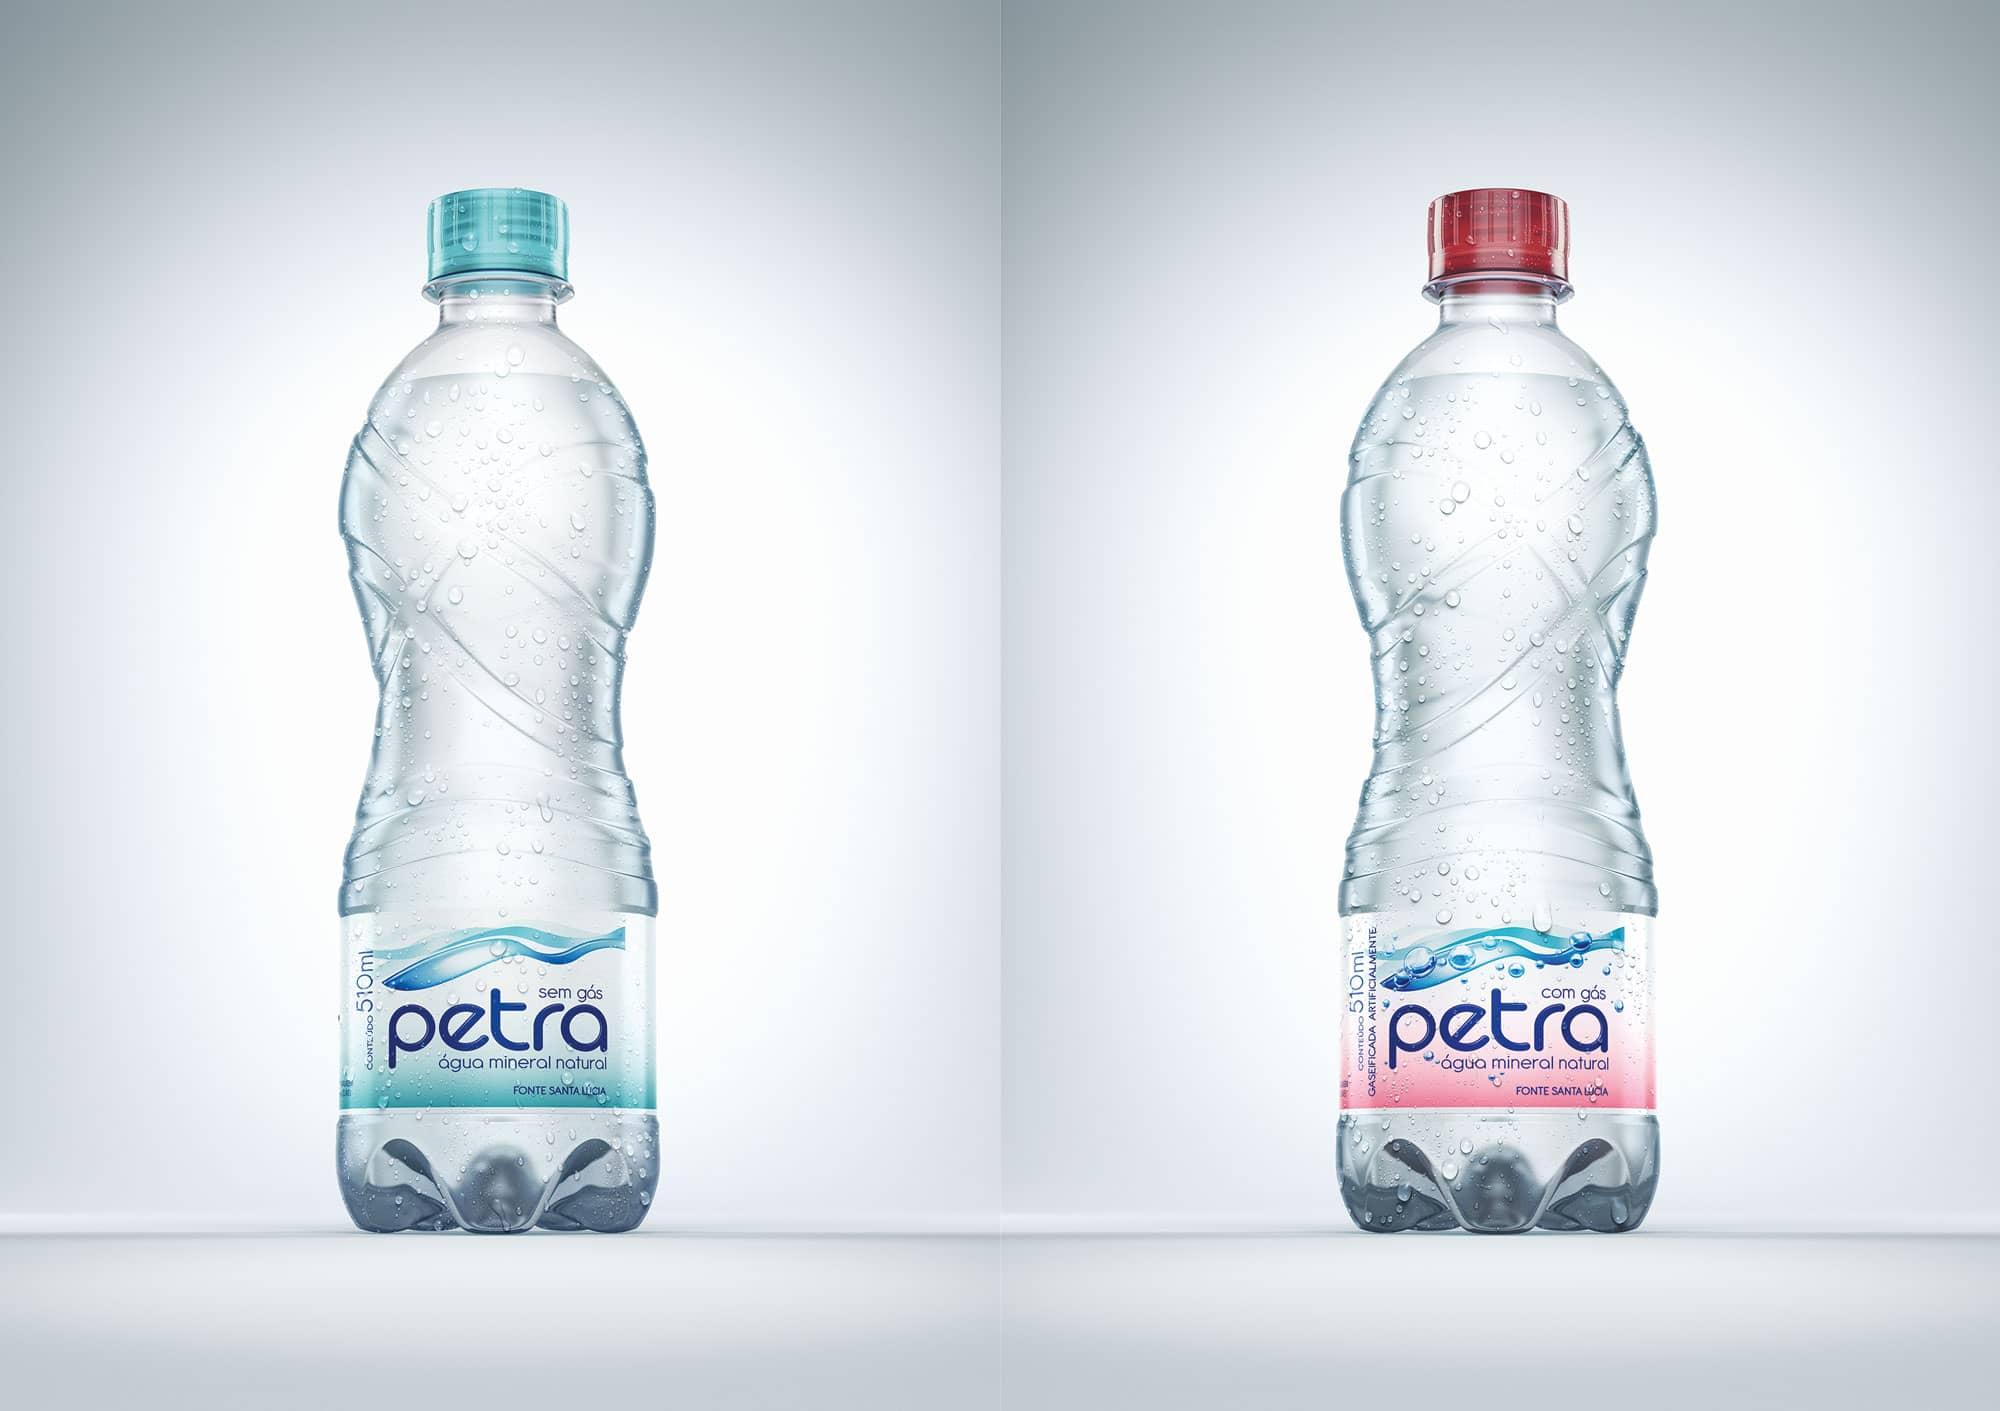 agua-petra